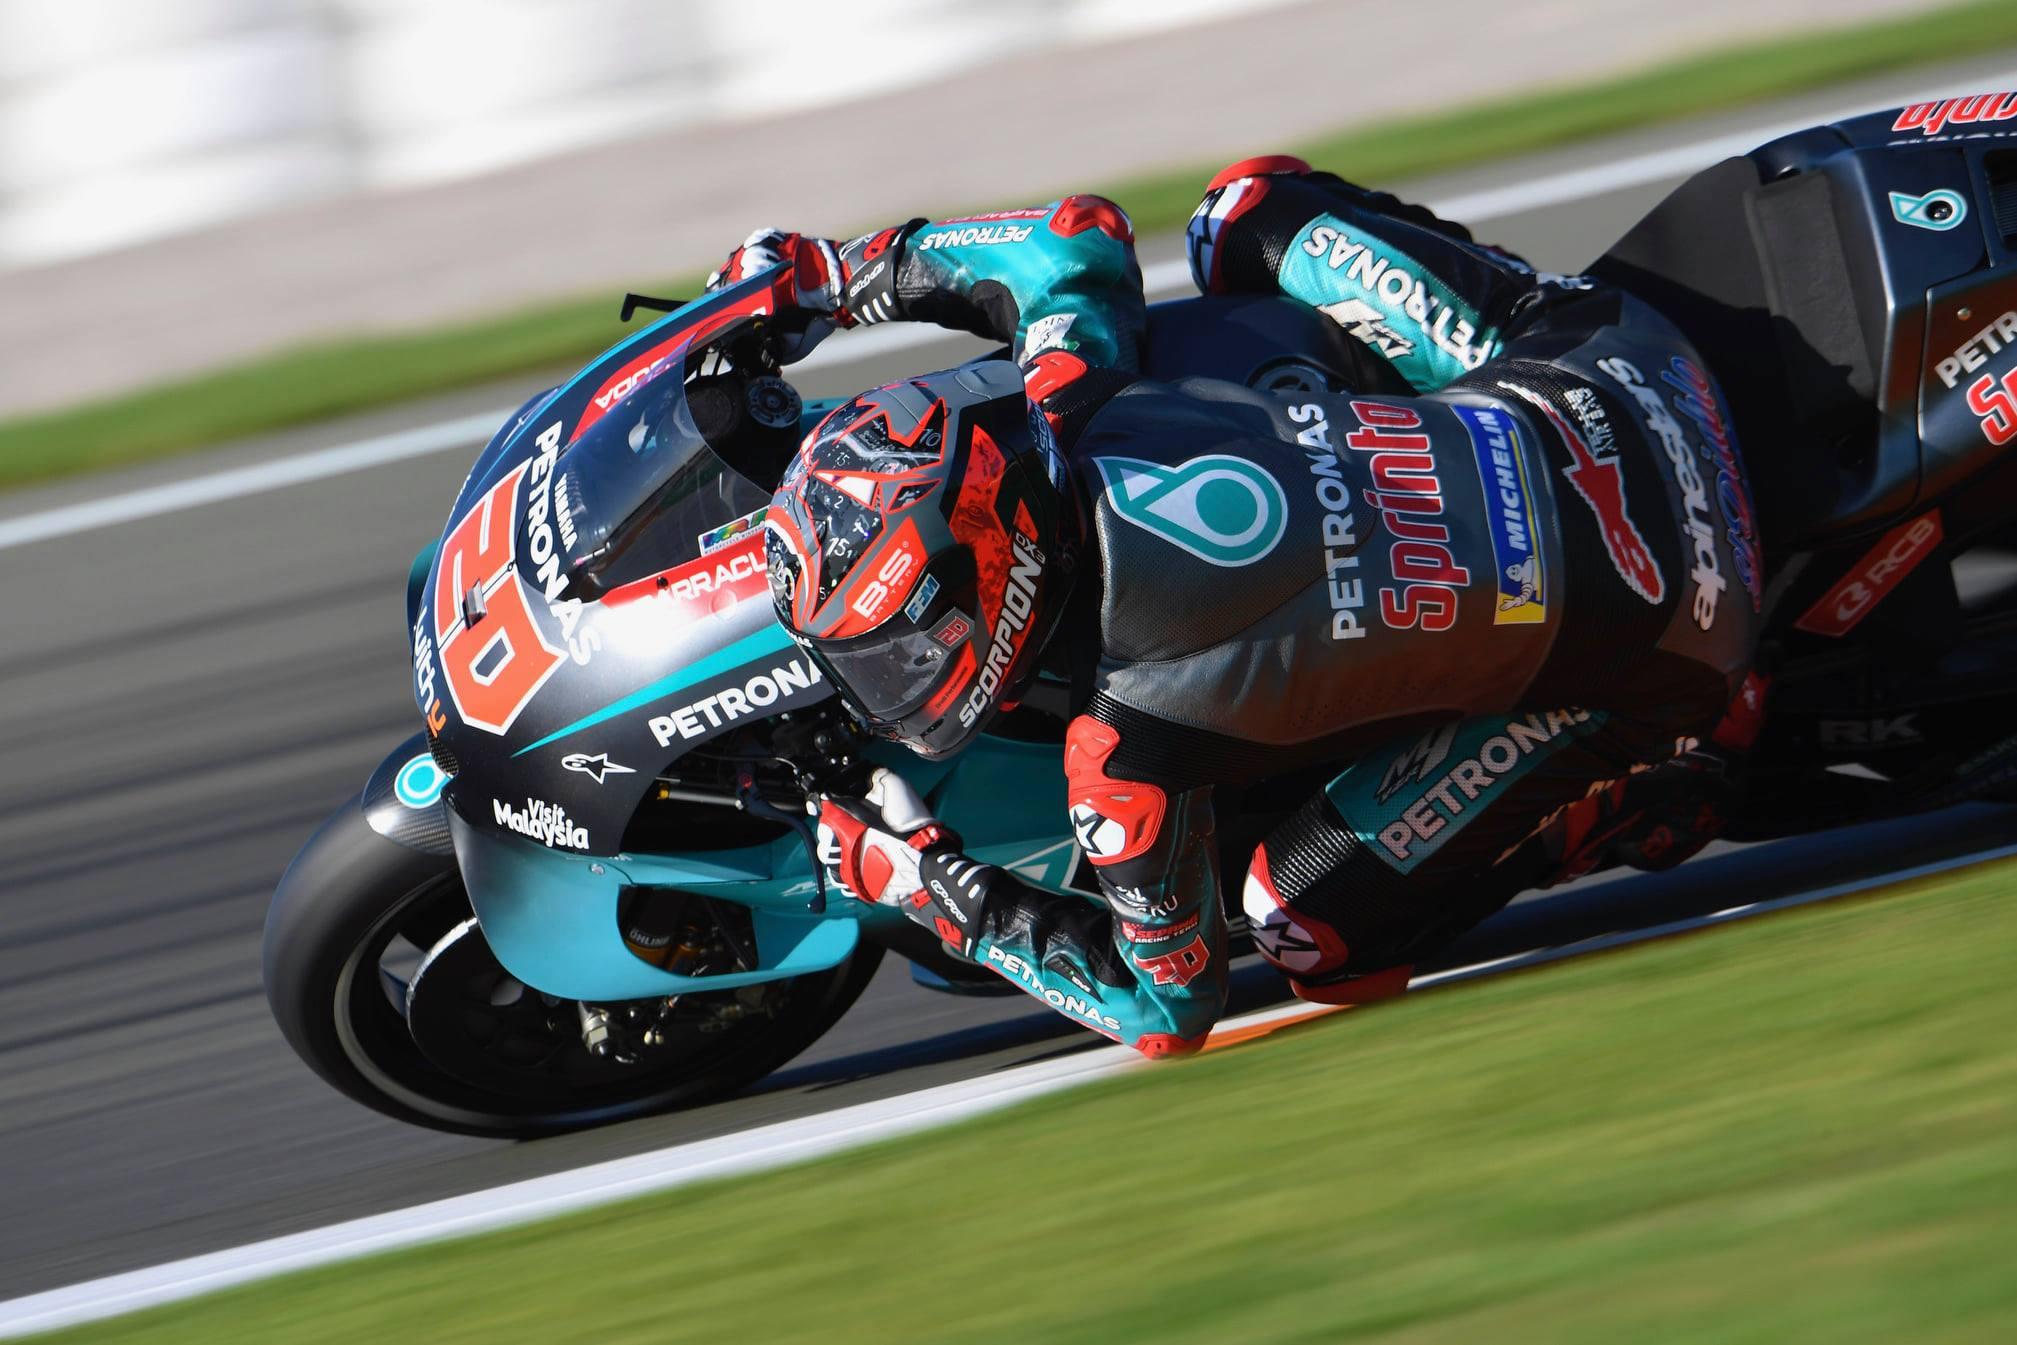 """MotoGP. Varžovą aplenkęs 0,032 sek., F. Quartararo Valensijoje iškovojo šeštąją """"pole"""""""